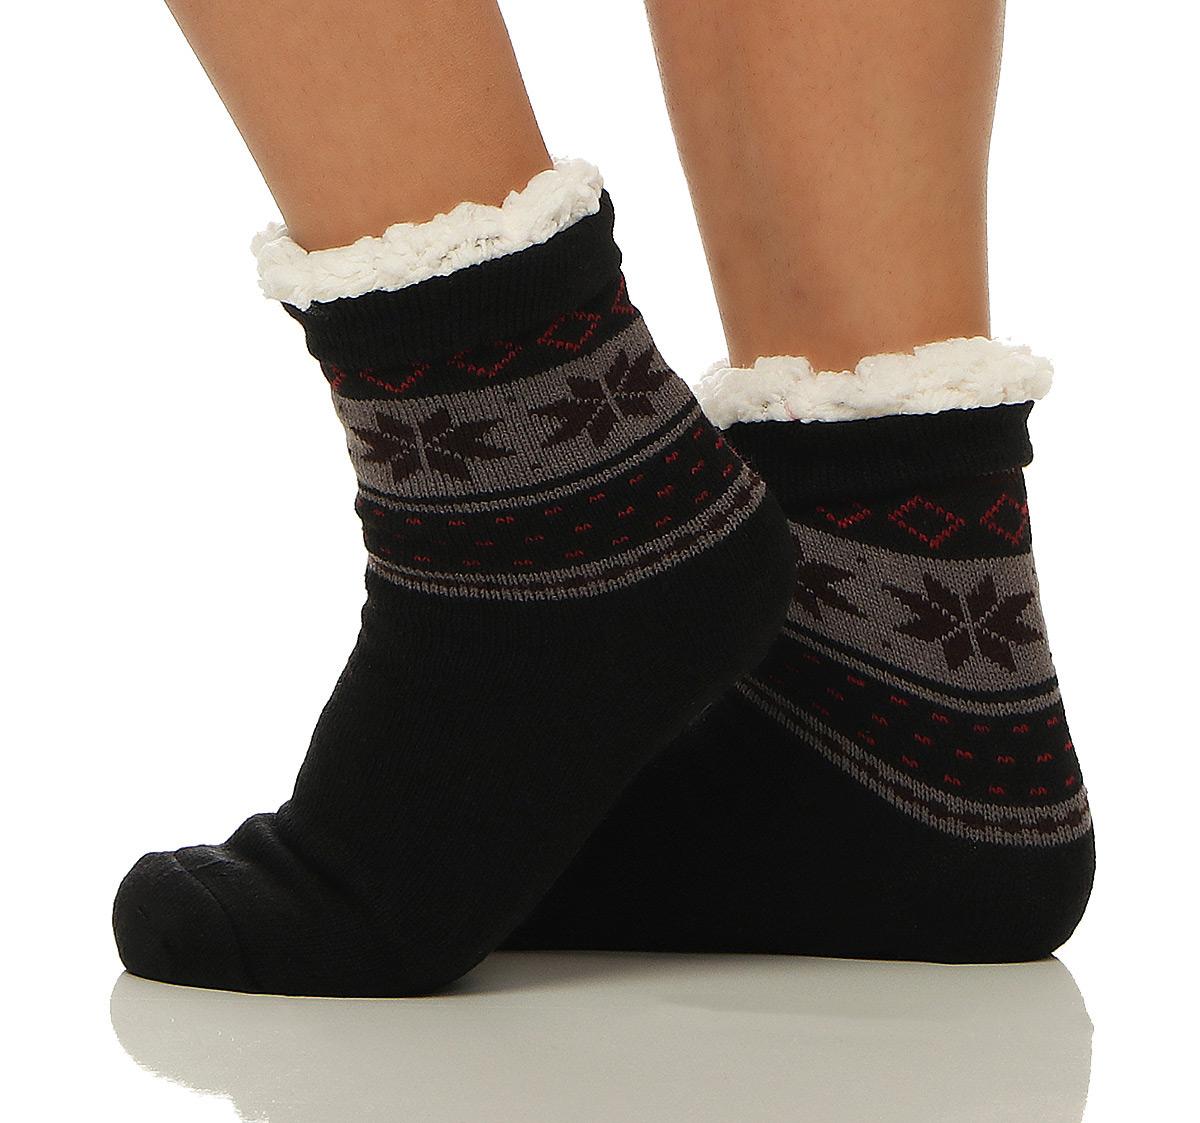 Herren Damen Hüttensocken Hausschuhe Socken Hüttenhausschuhe ABS CL 7311